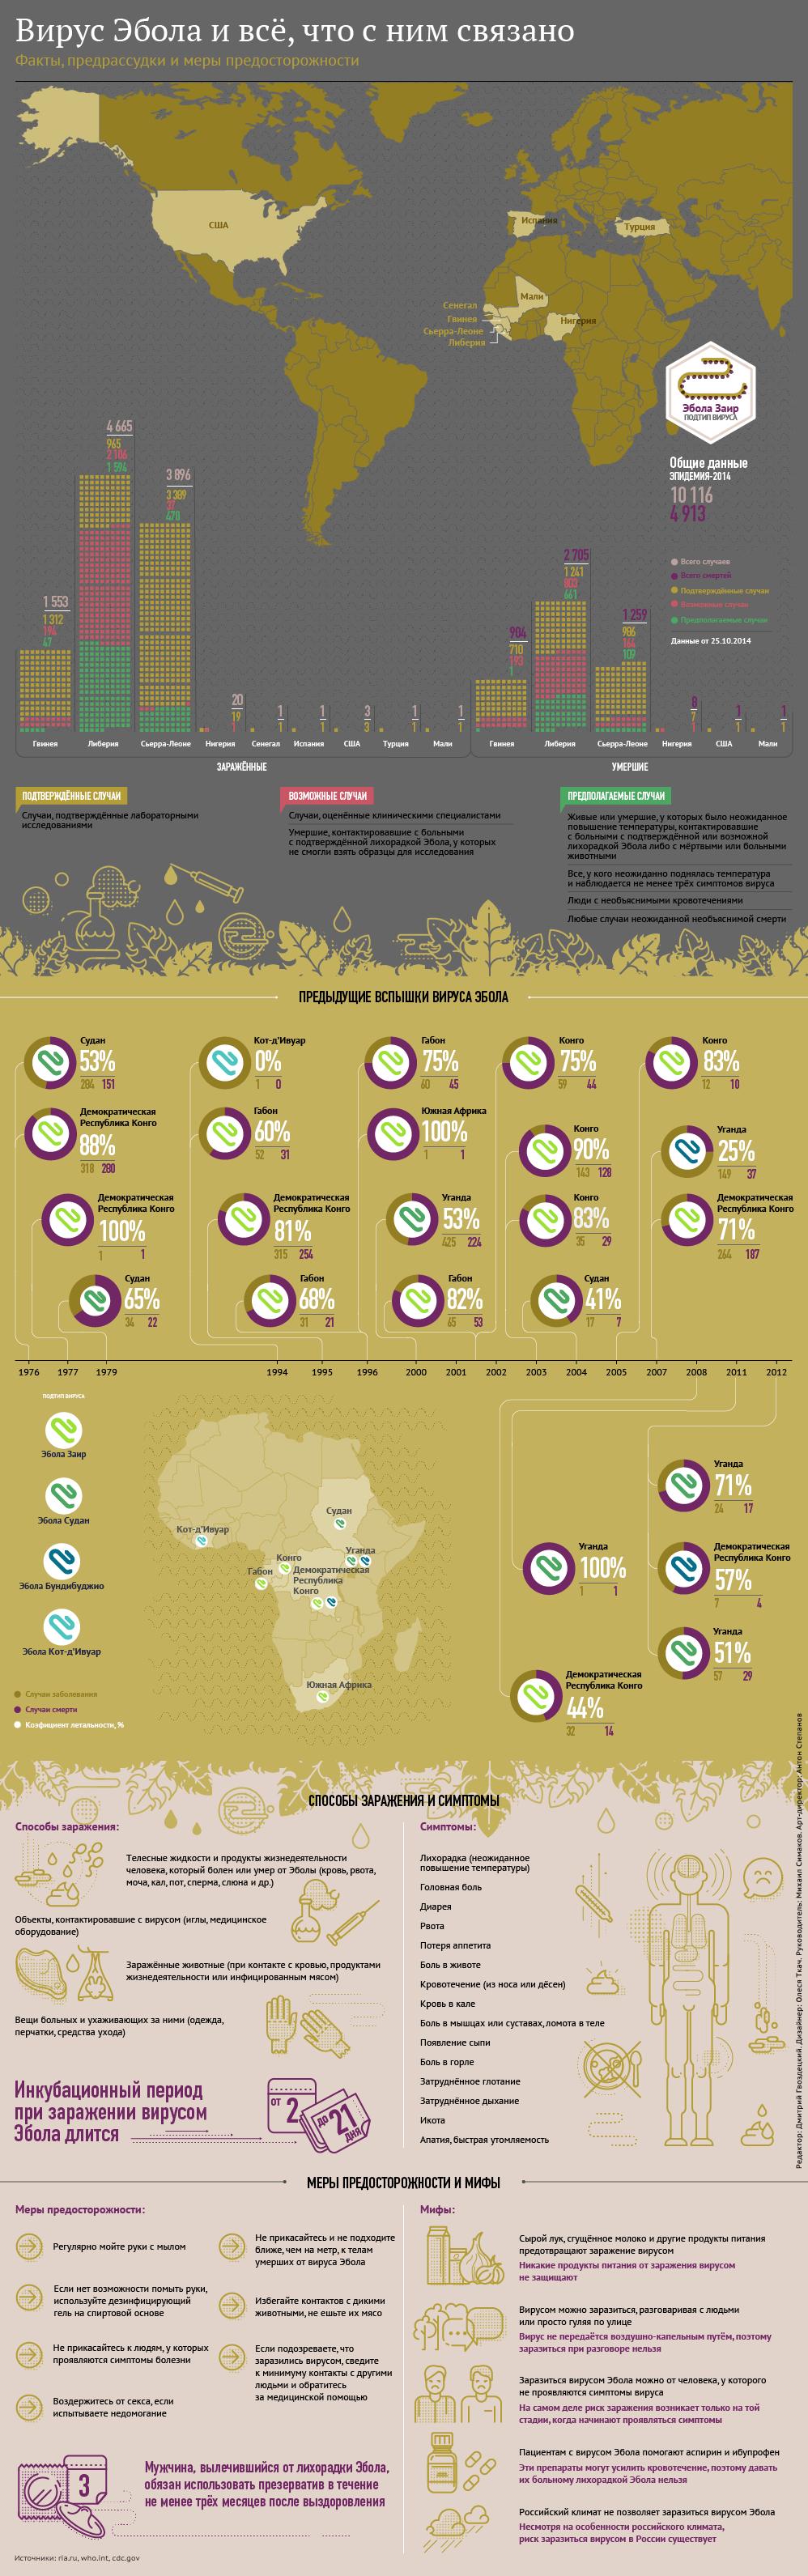 Лихорадка Эбола: очаги распространения, симптомы и профилактика